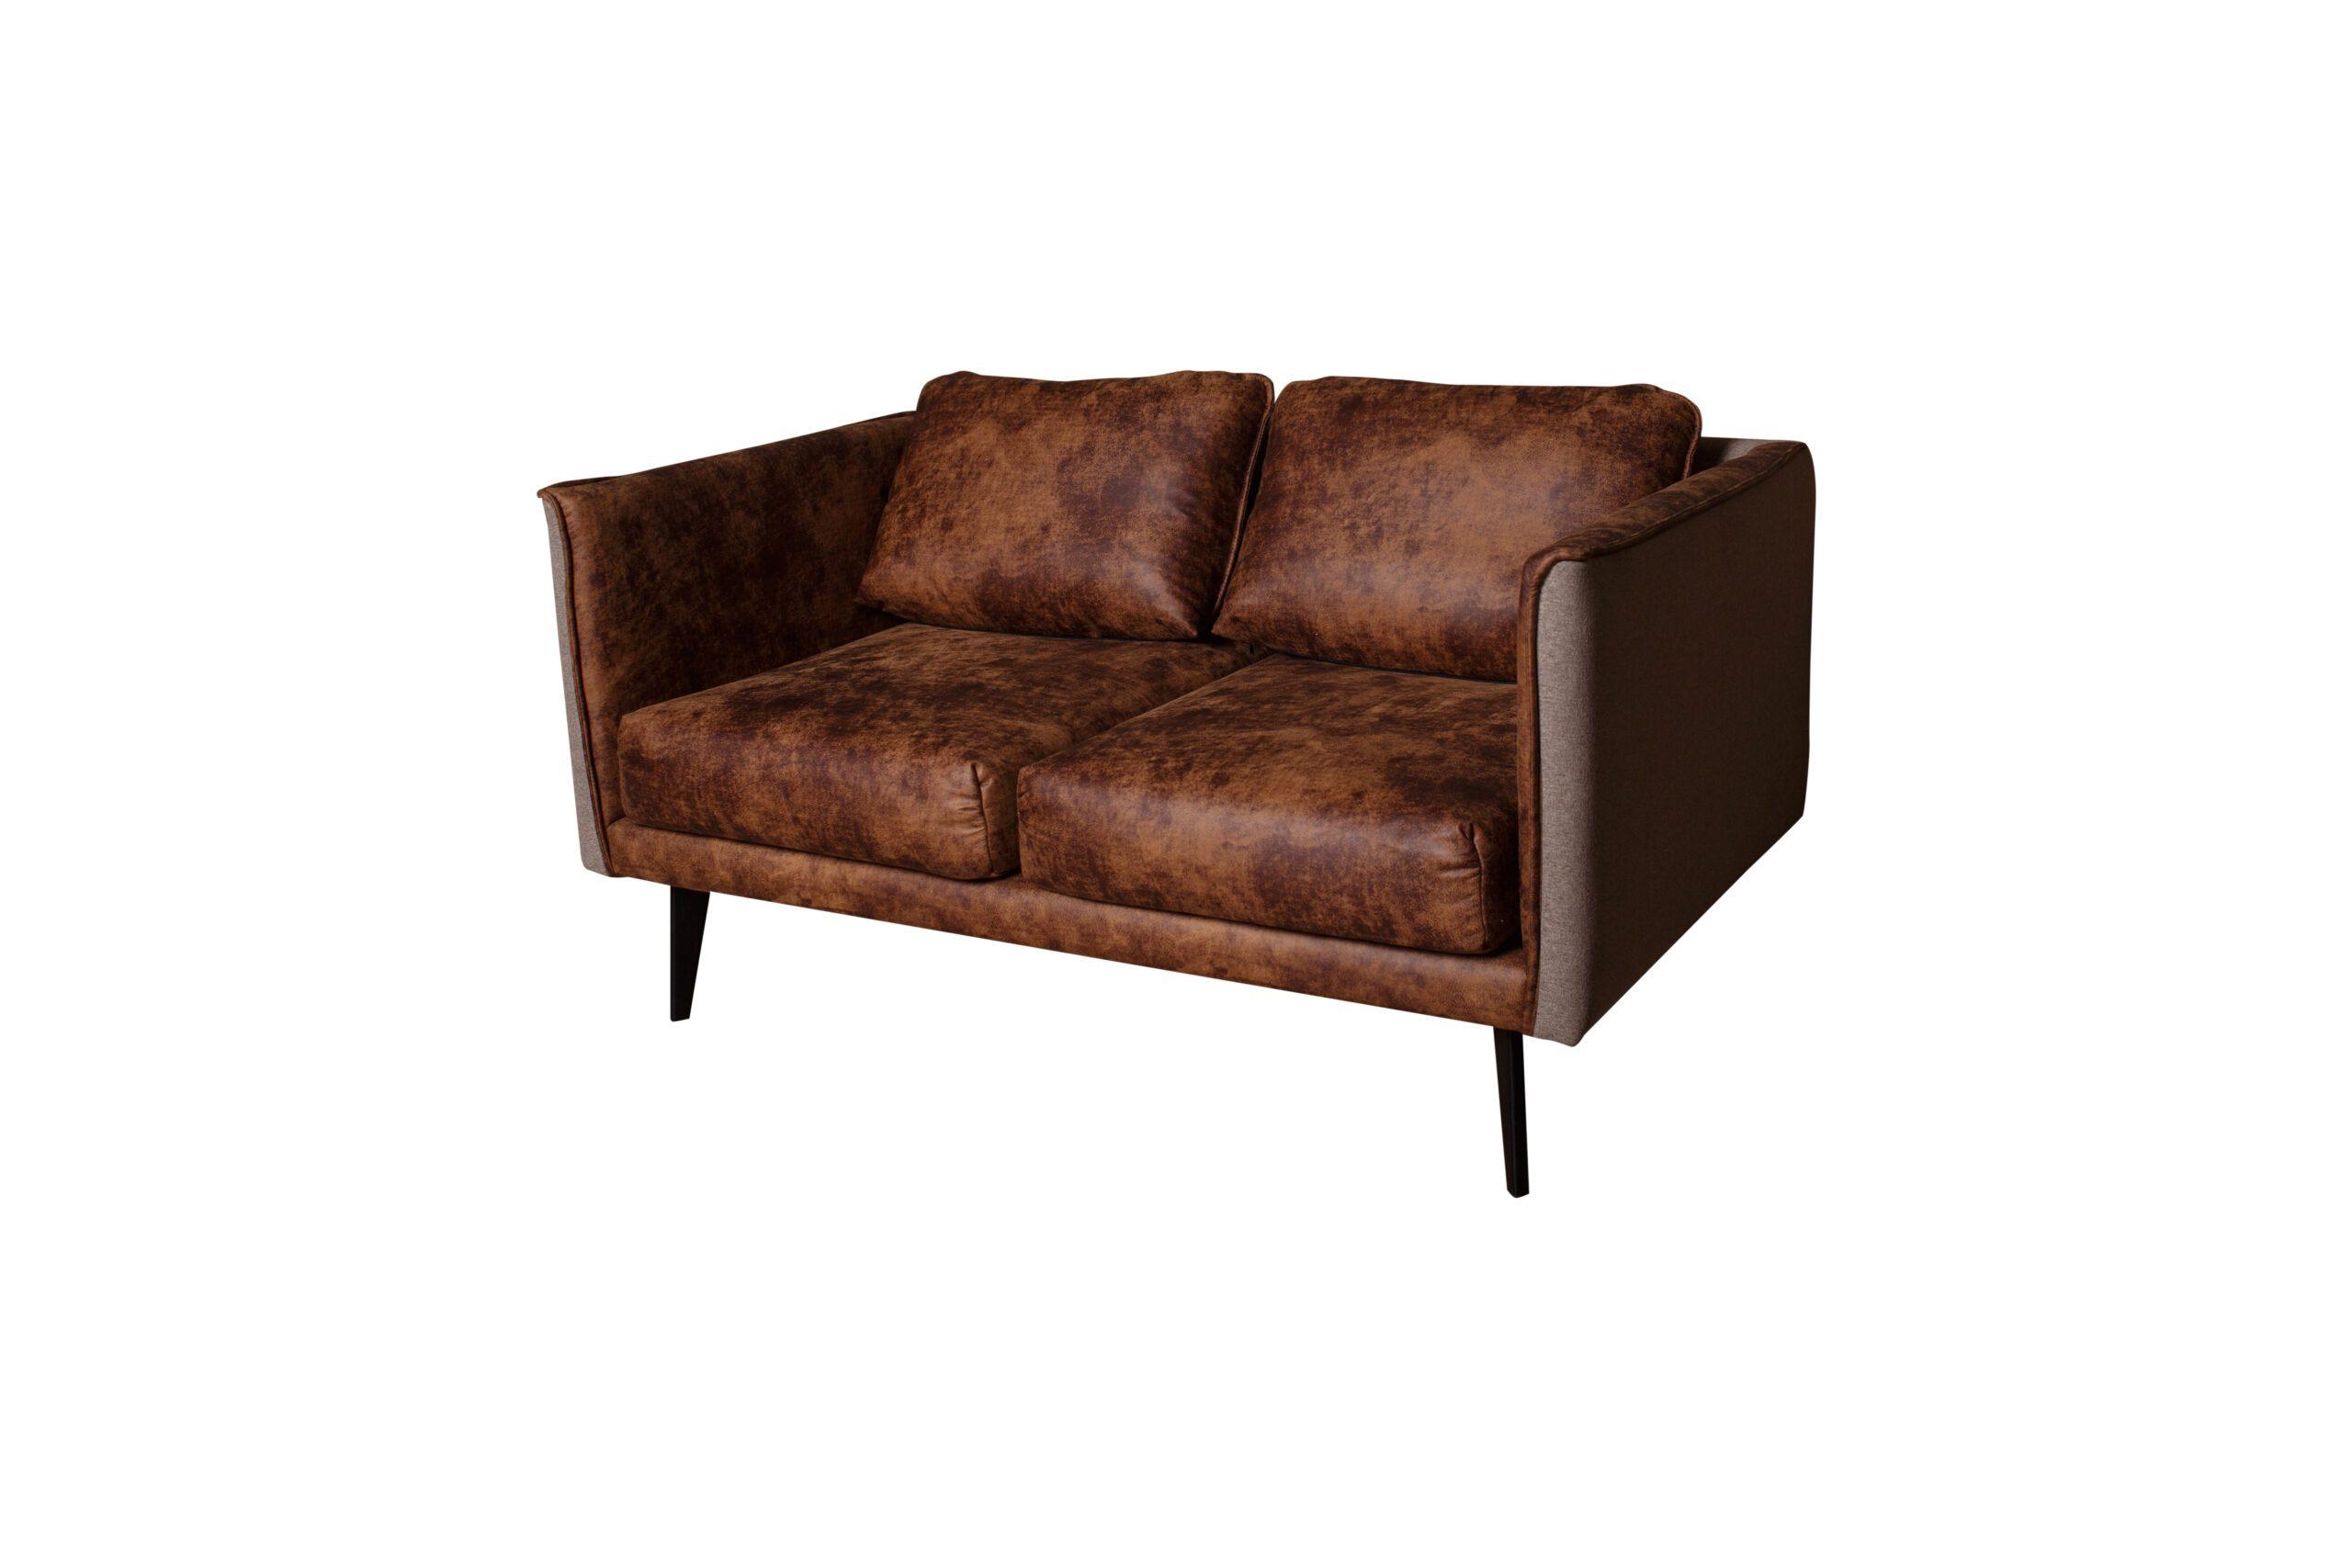 2-х местный диван Mskhook2 в стиле лофт